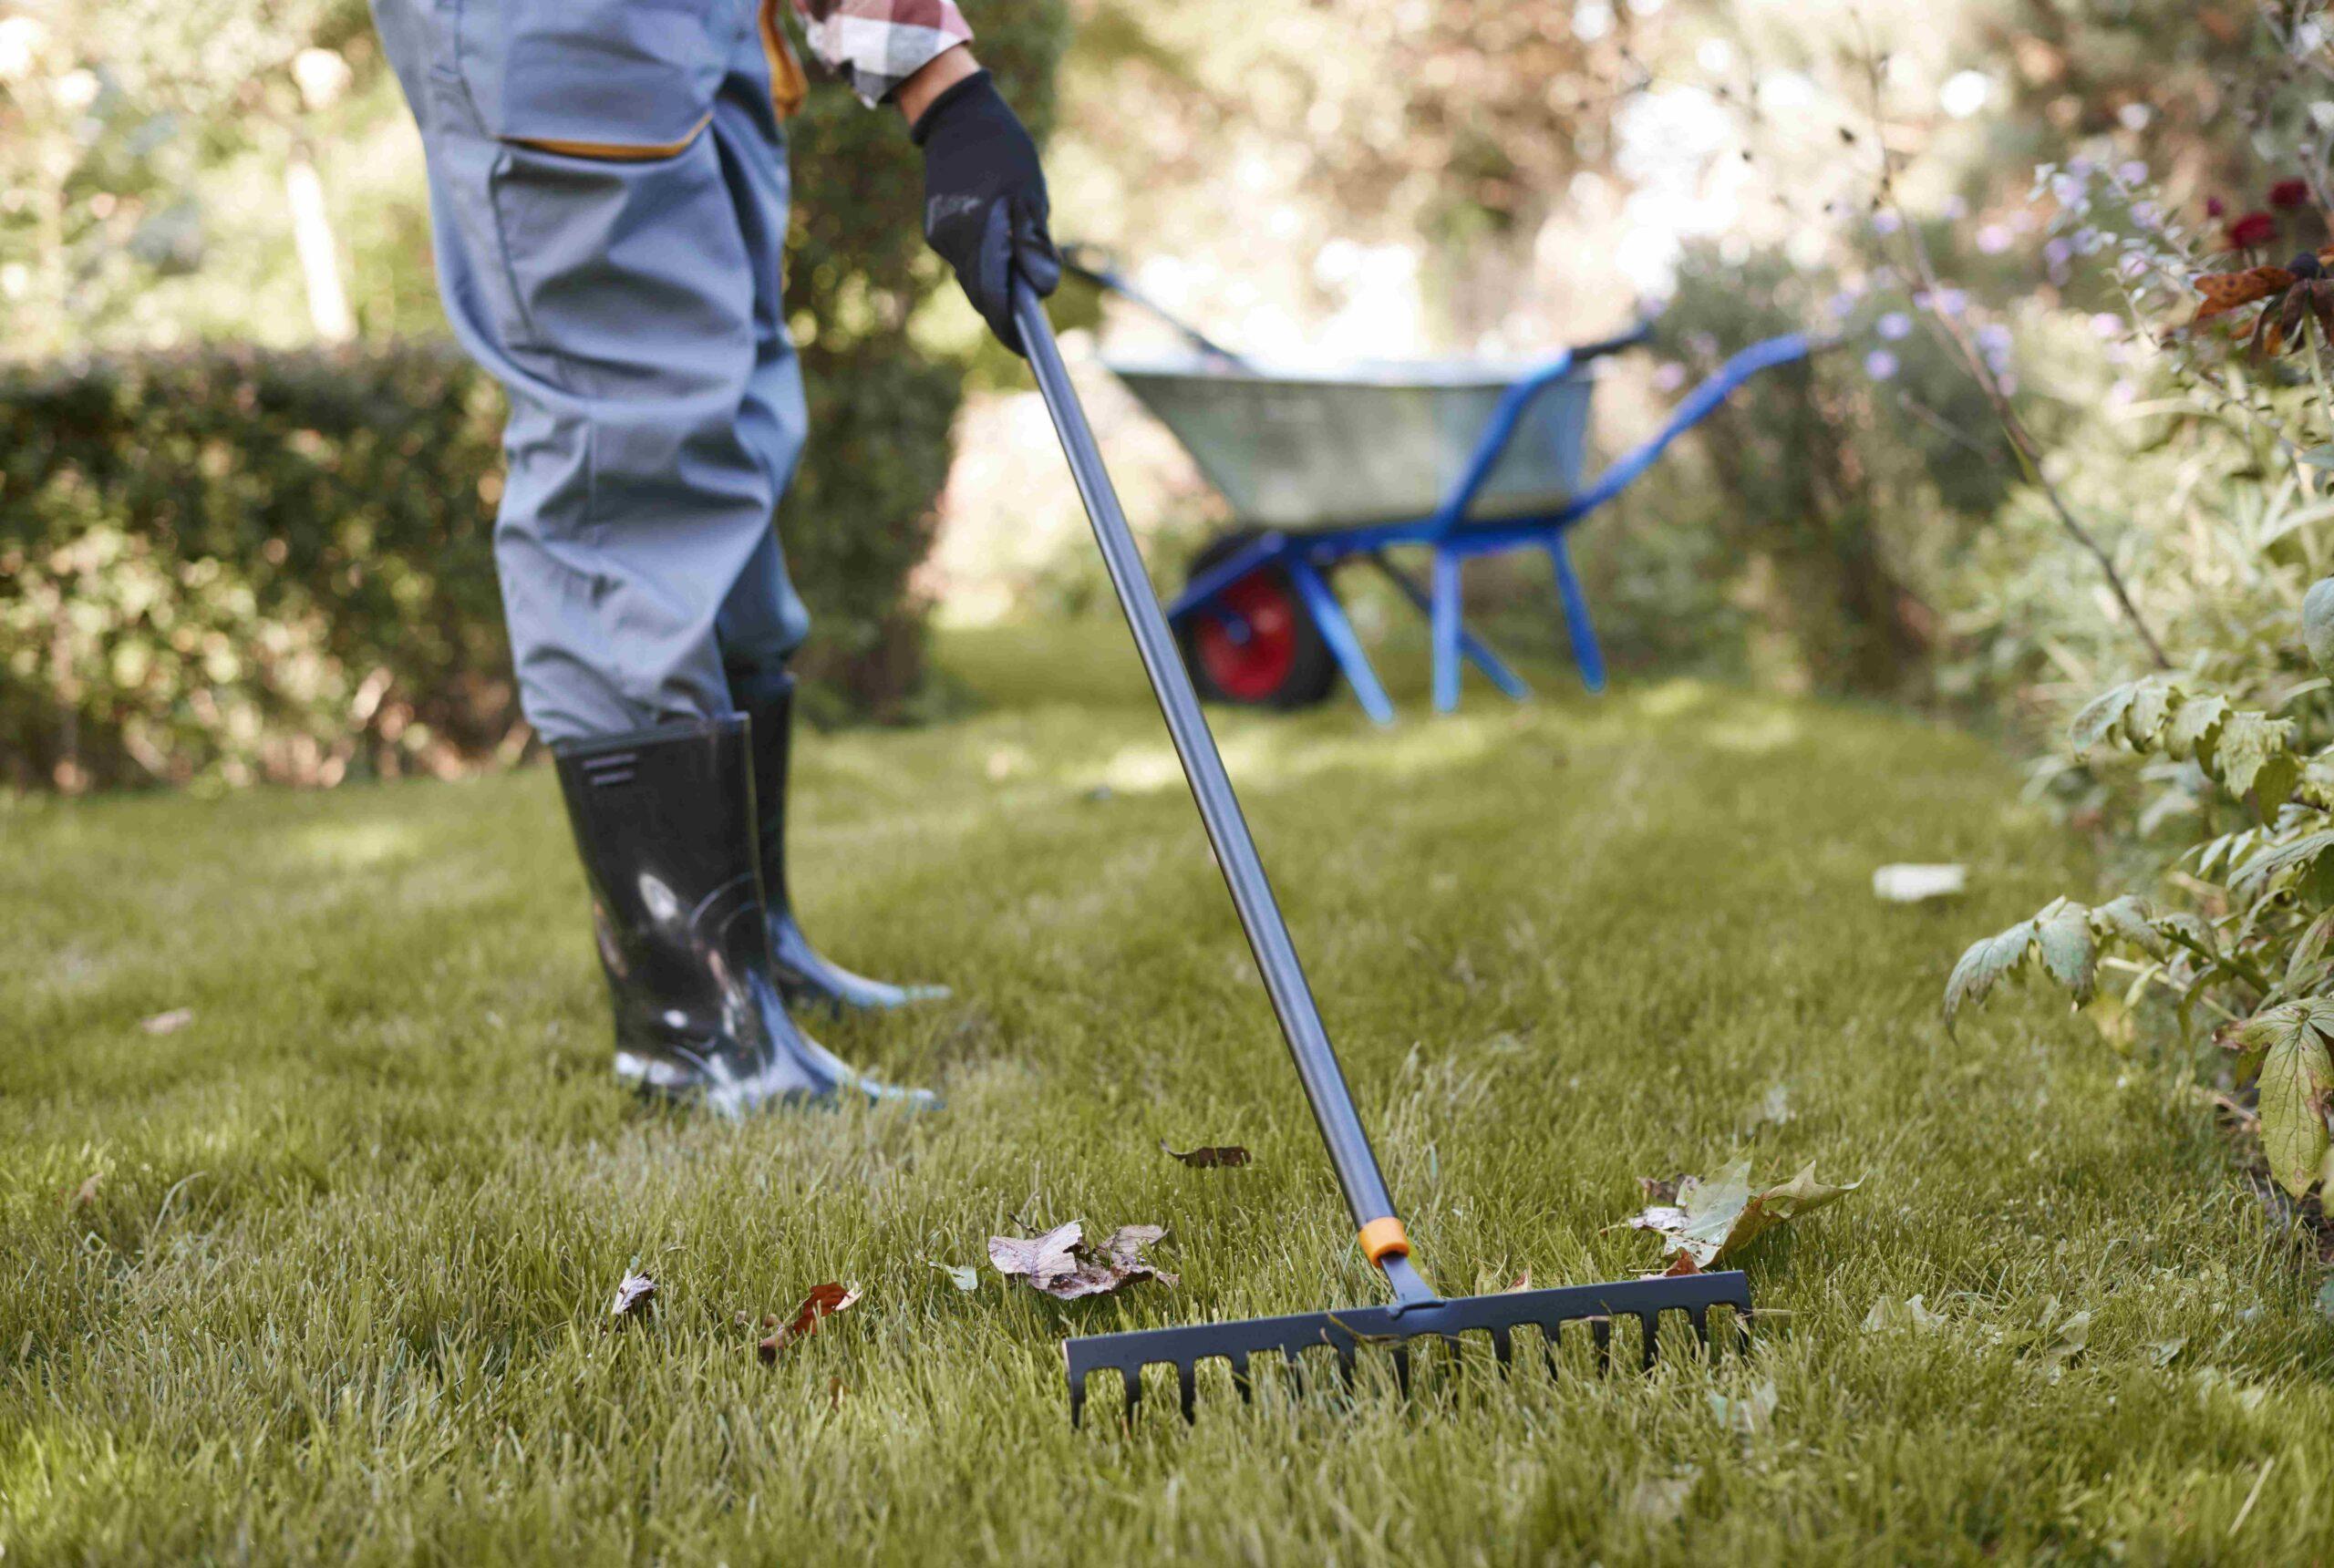 Professionelle Wartungswerkzeuge hinter dem Garten